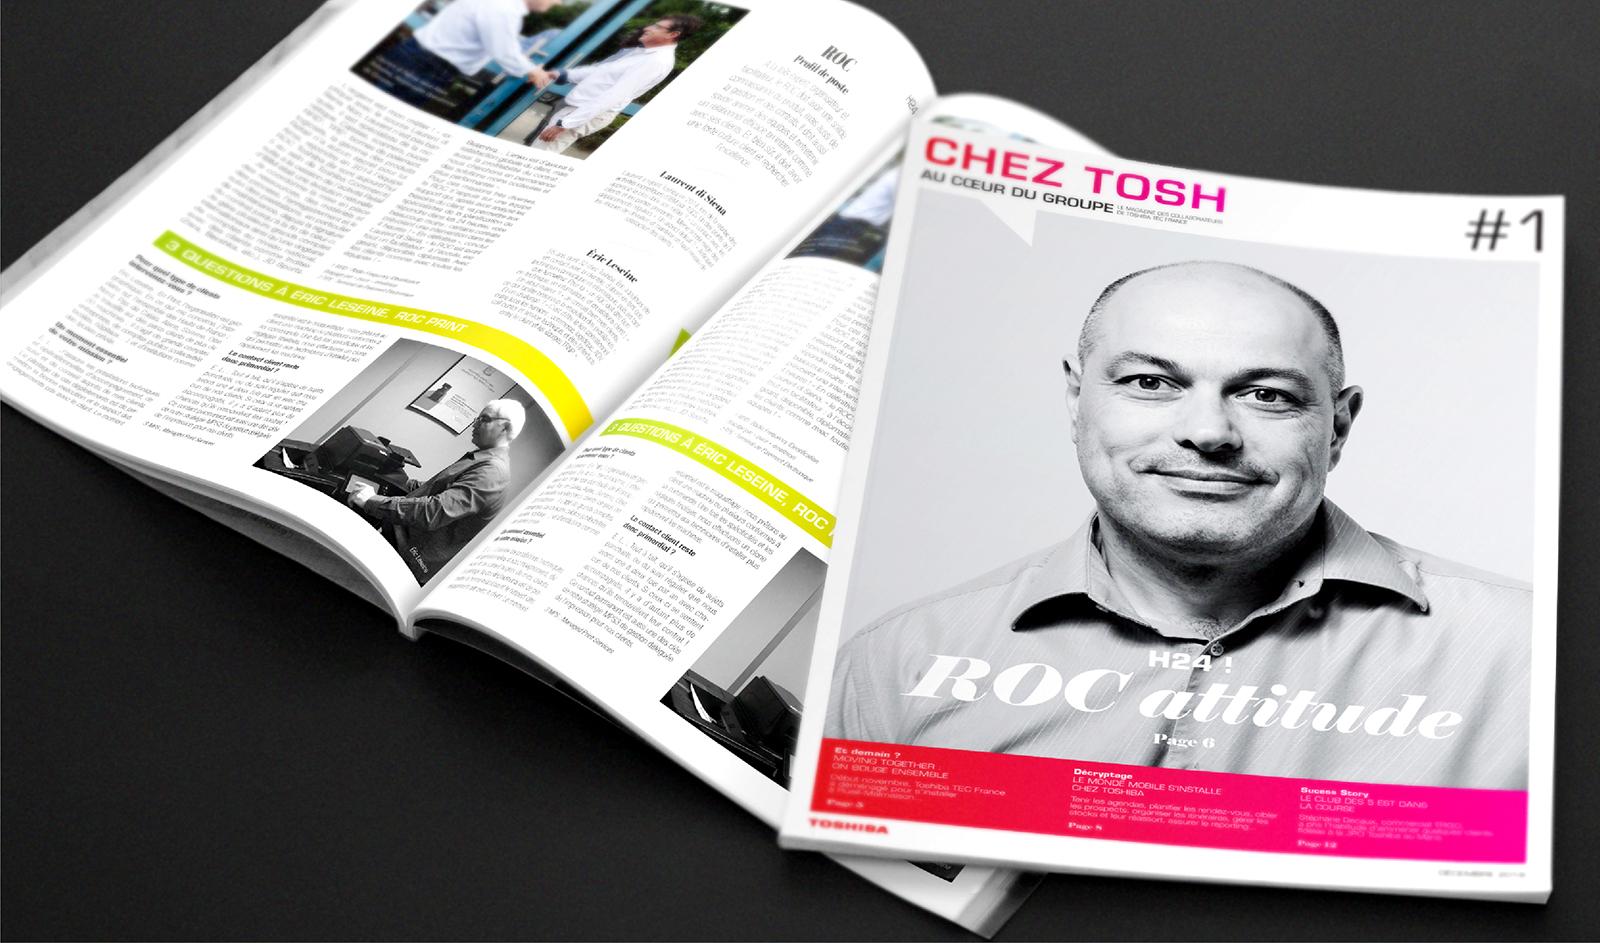 Cheztosh 1